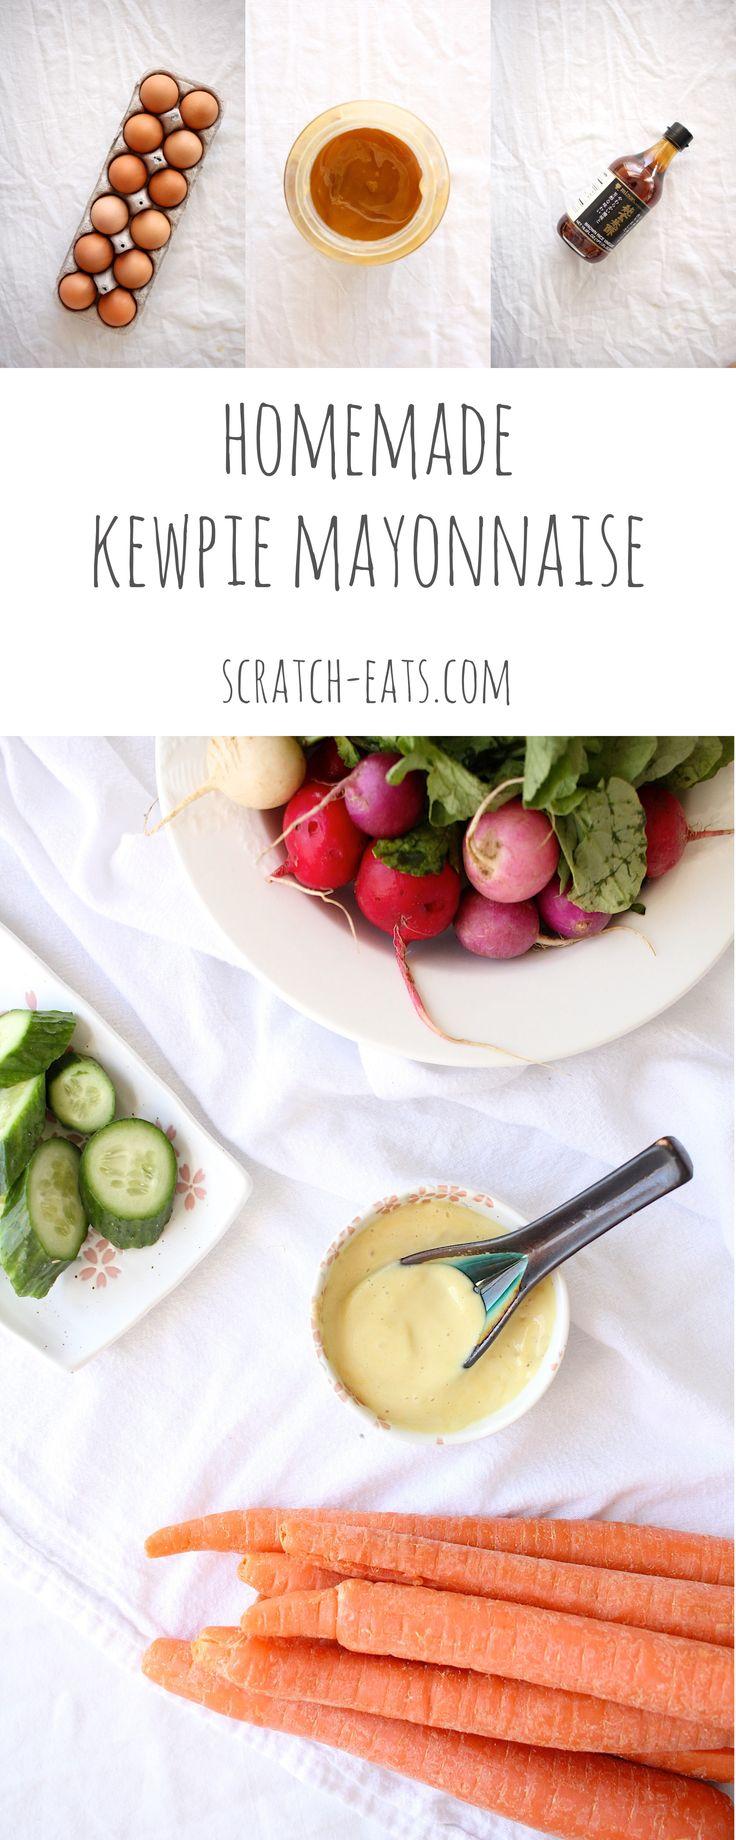 Homemade Kewpie Mayonnaise